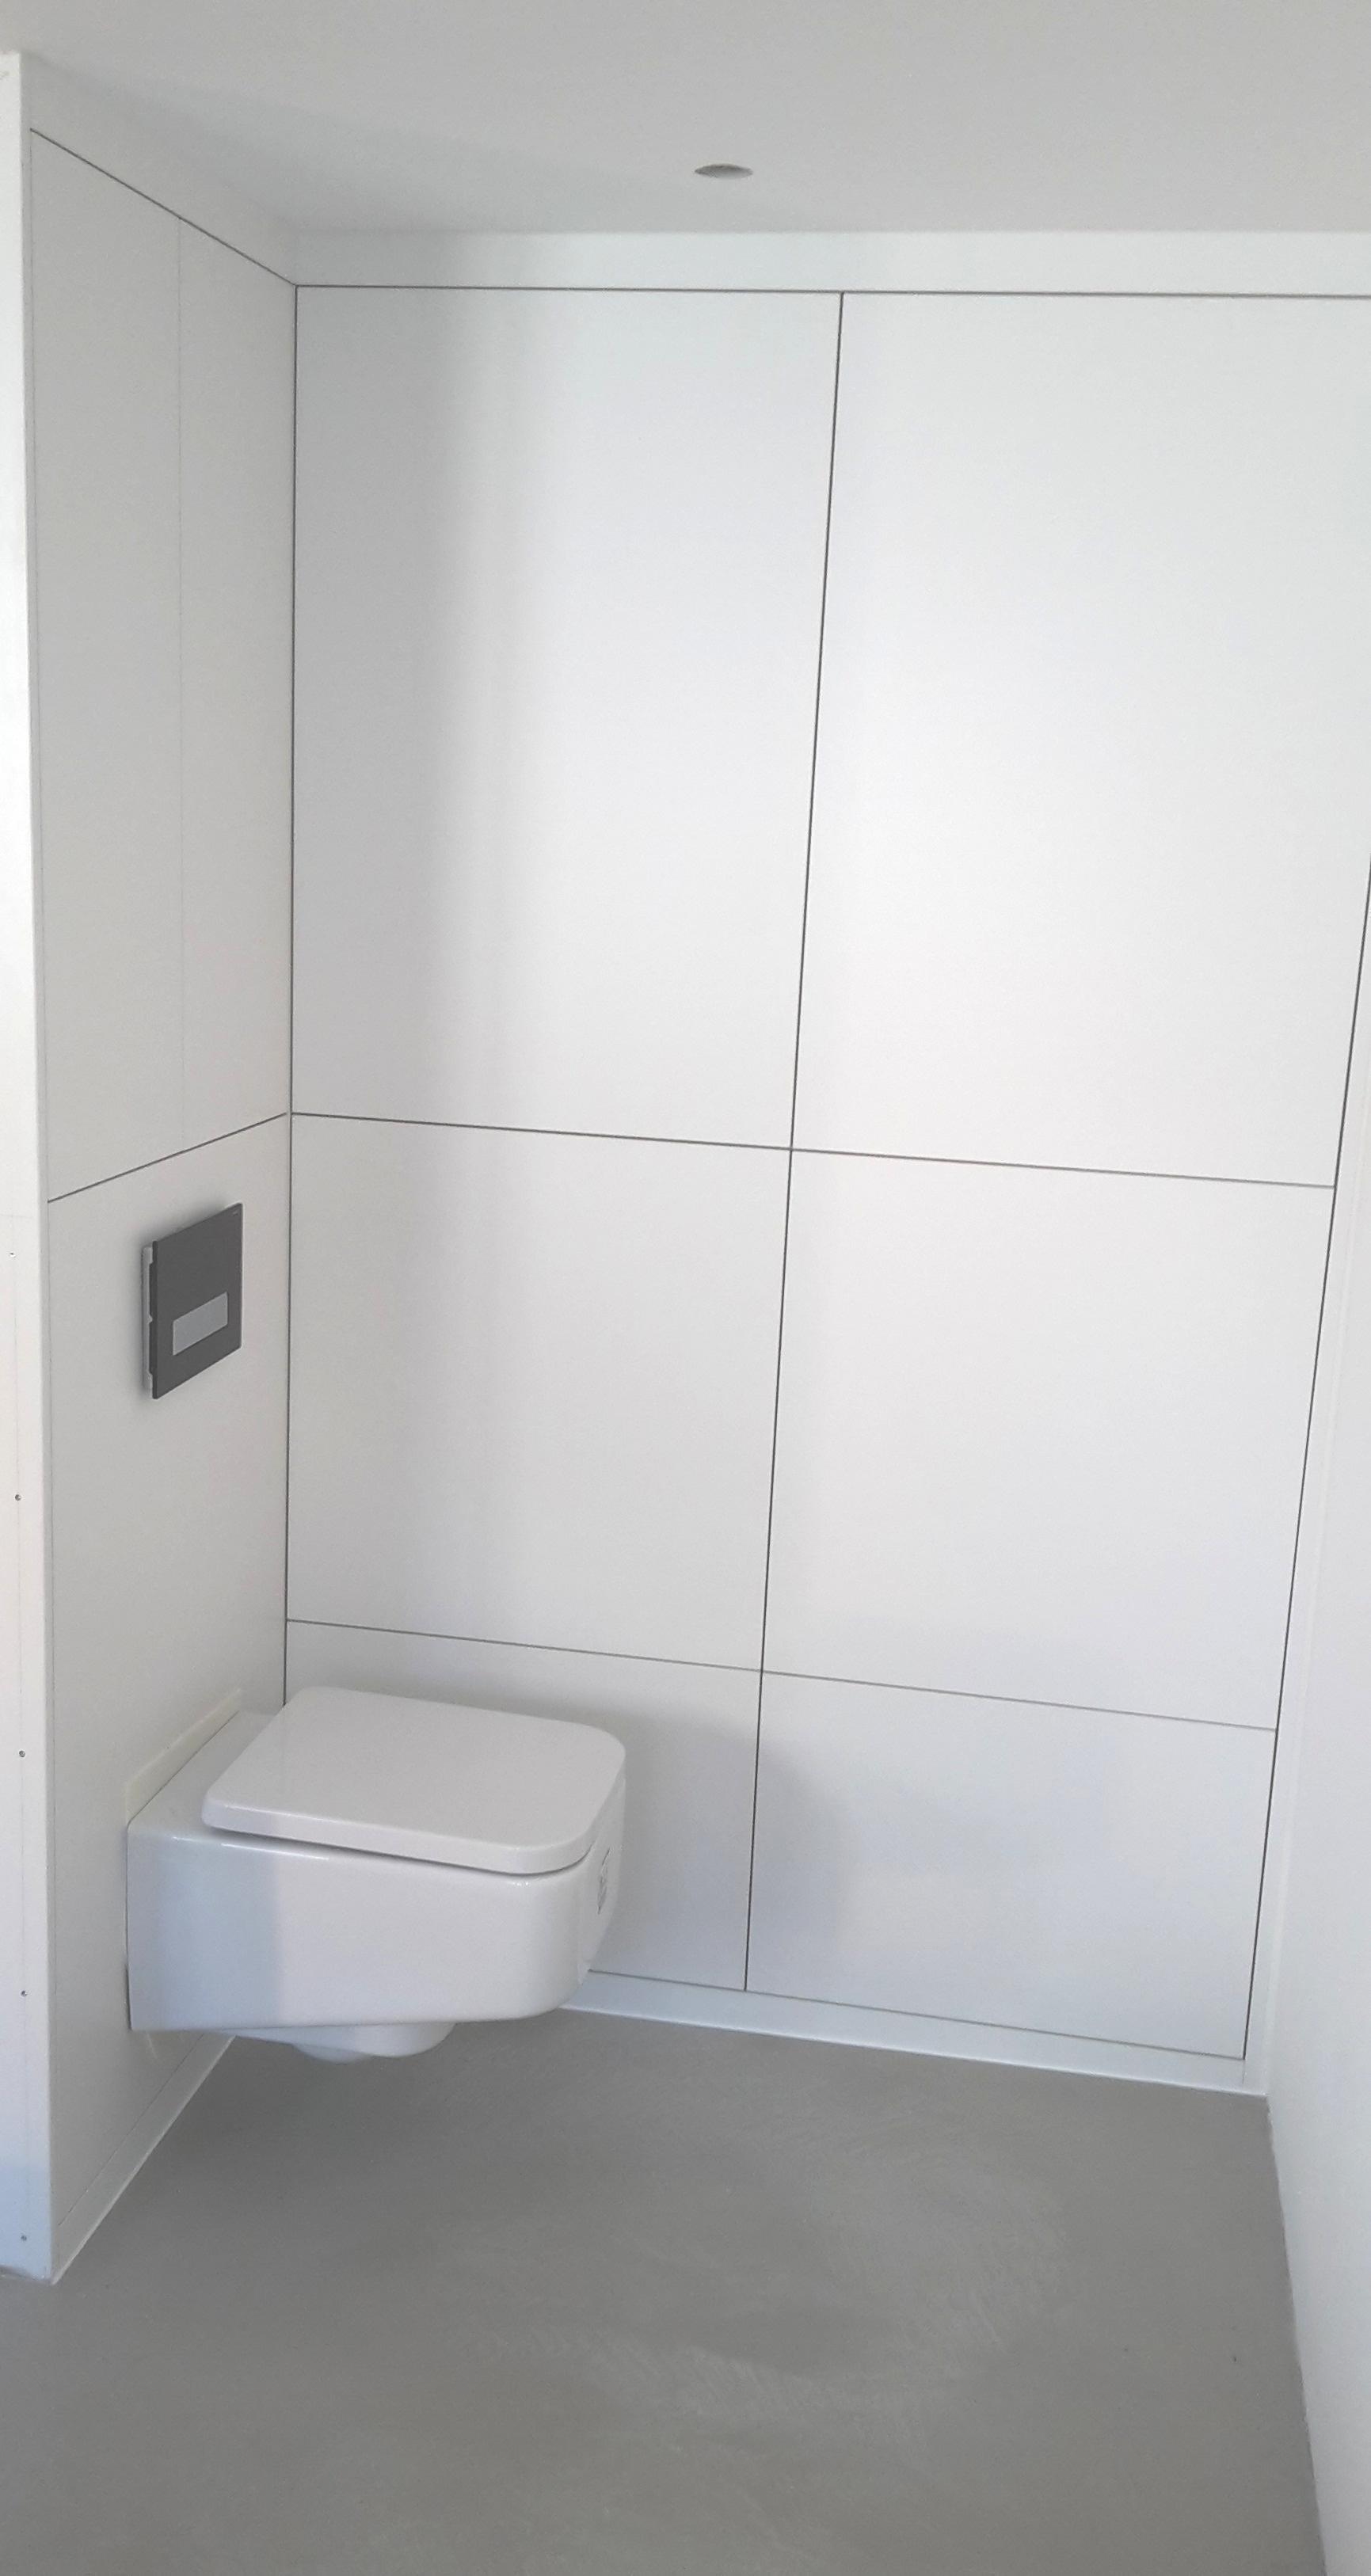 wc schrank best full size of waschplatz fur gaste wc waschtisch spiegel schrank with regard to. Black Bedroom Furniture Sets. Home Design Ideas